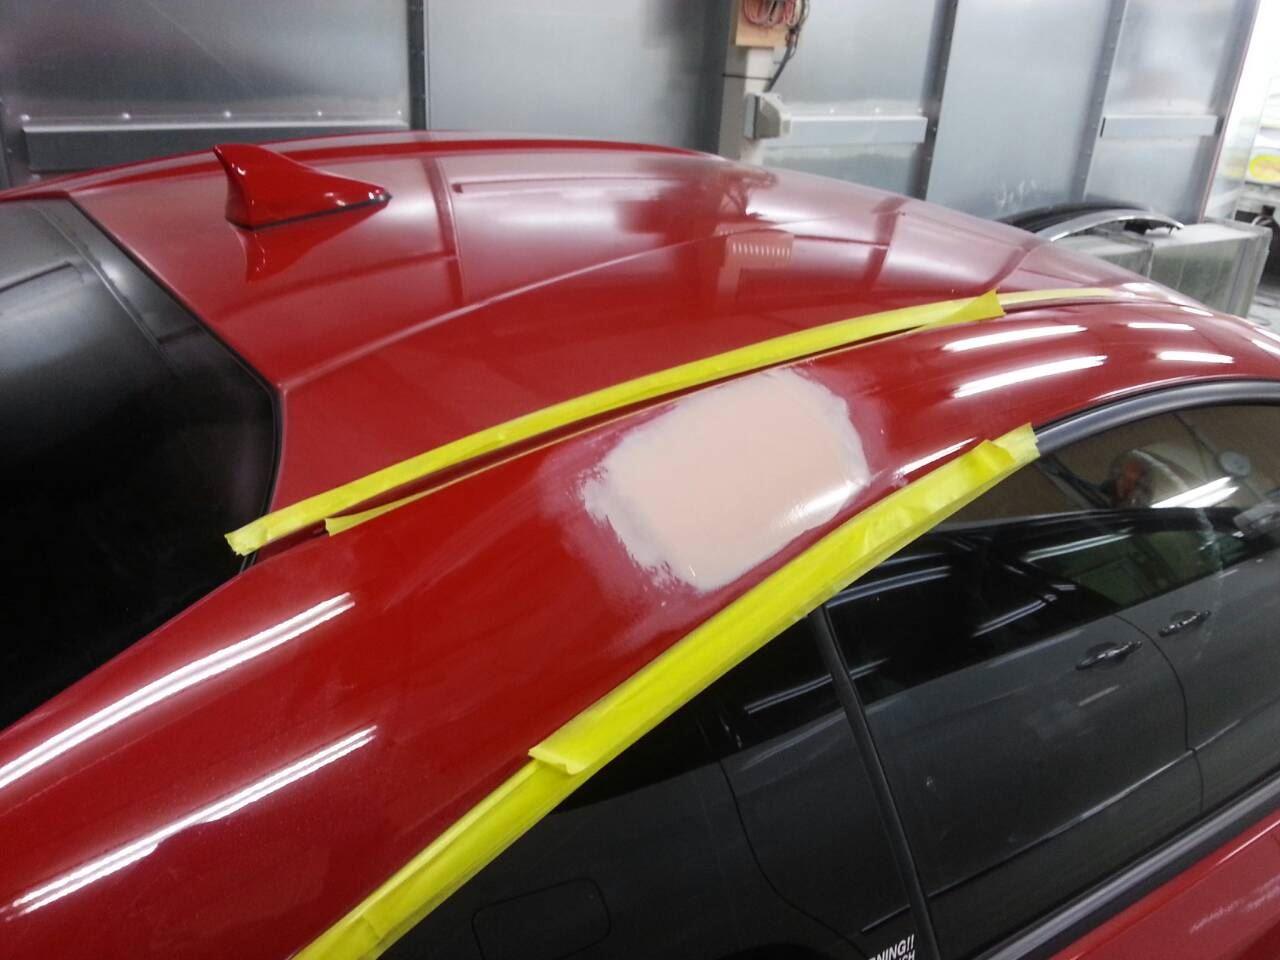 東京都立川市の車の板金塗装修理工場 ガレージローライドのスバル BRZの右側面のキズ へこみ の板金 修理 塗装等 です。